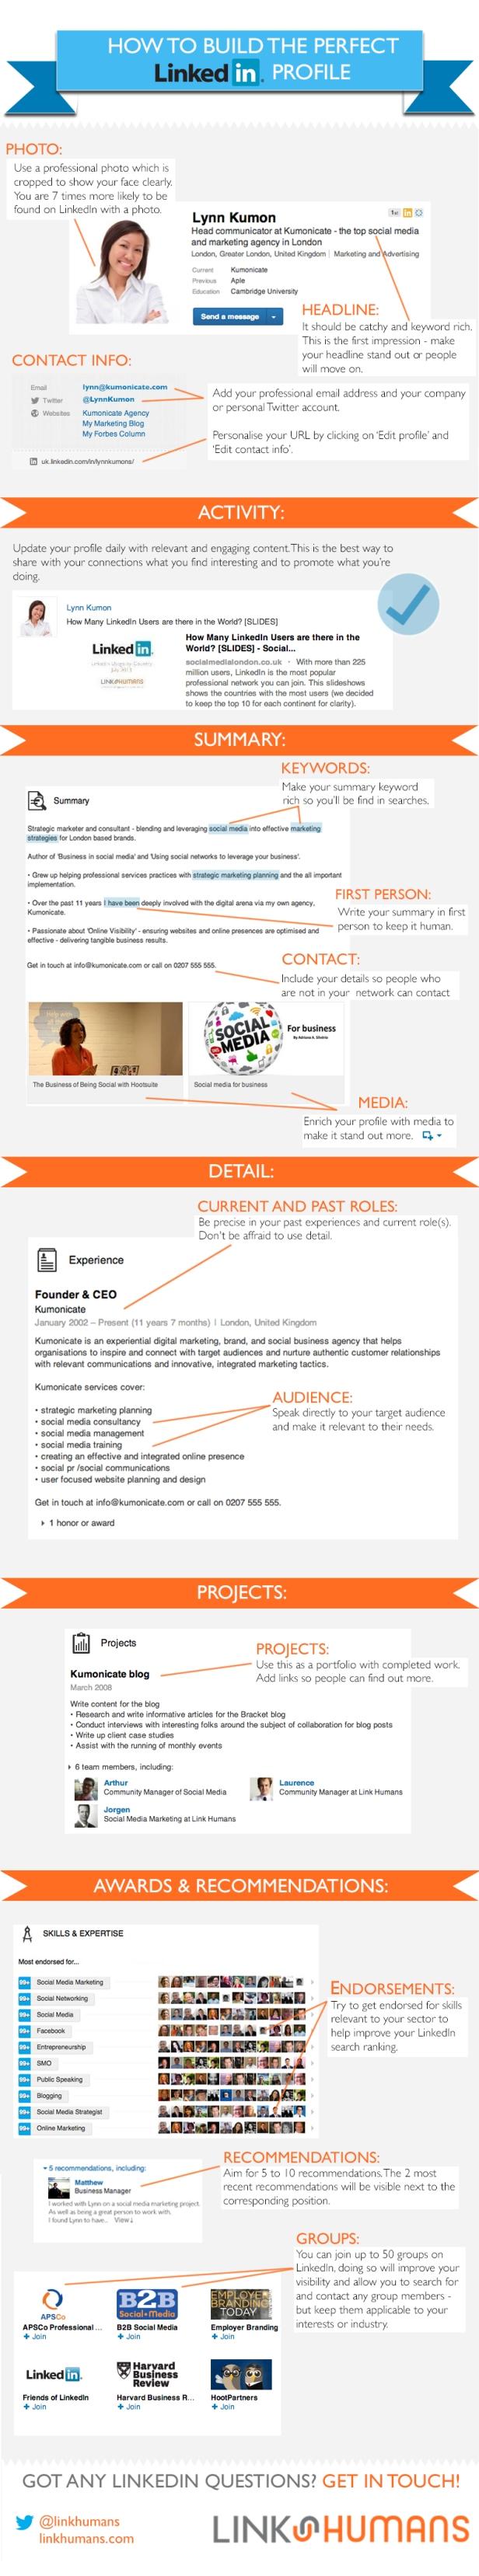 LinkedIn-infographic1.jpg